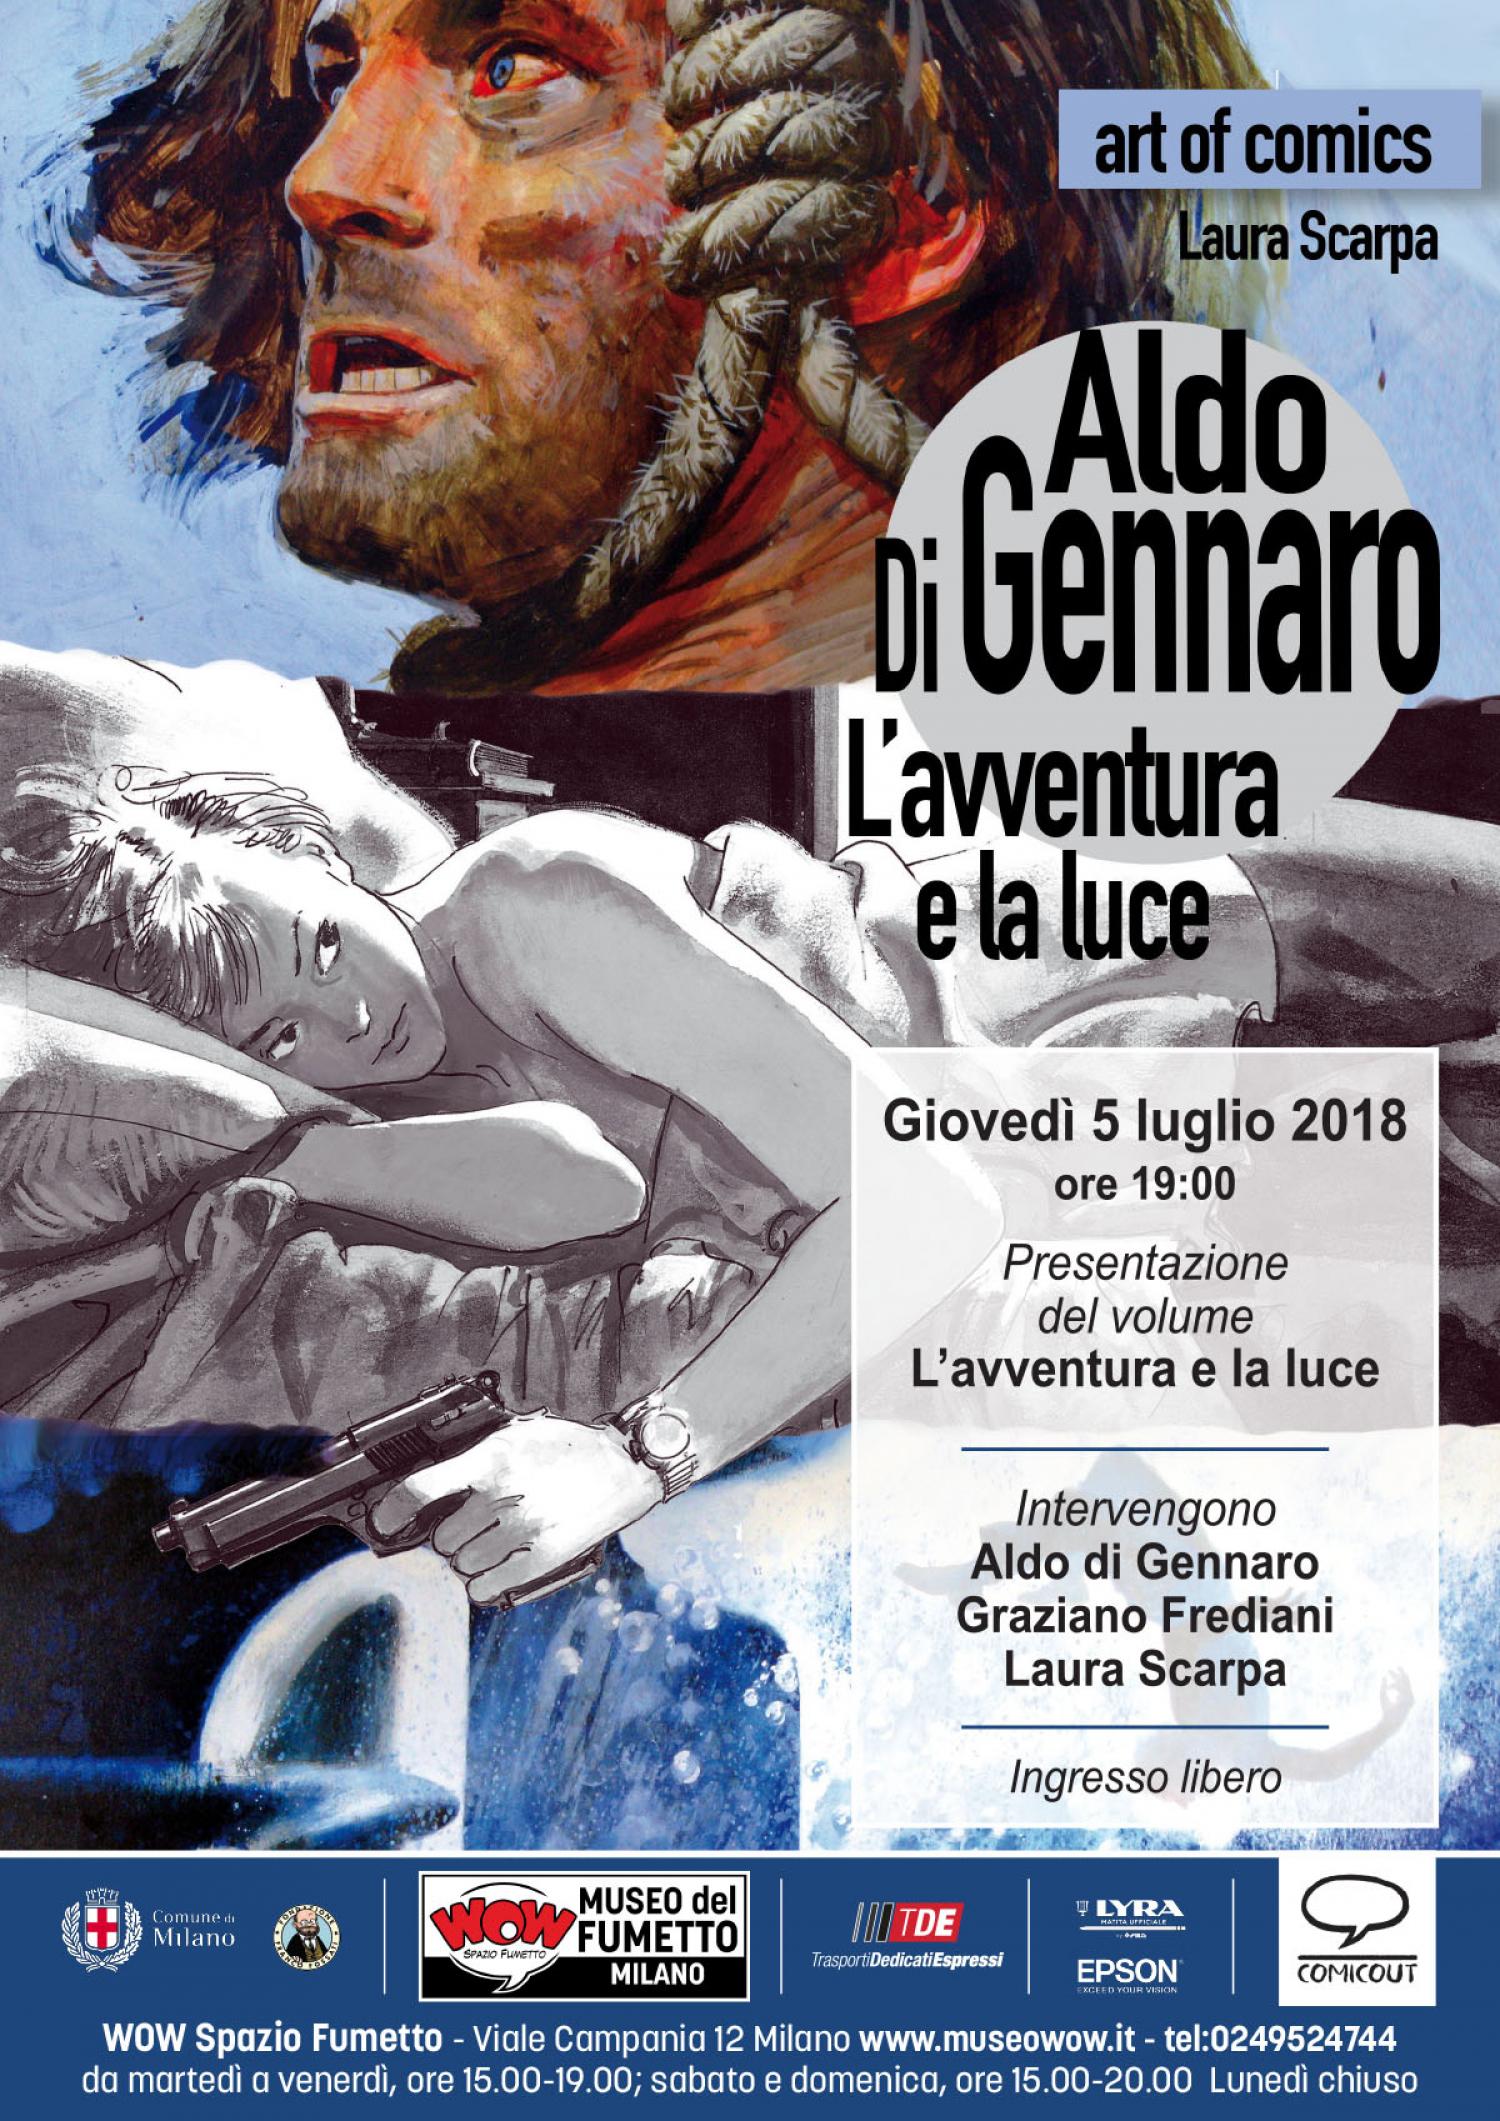 """<p><strong>Festeggia 80 anni <a target=""""_blank"""" href=""""http://www.aldodigennaro.com"""">Aldo Di Gennaro</a></strong>, indiscusso maestro dell&#39;illustrazione e del fumetto italiano, dalla lunga e articolata carriera che va dagli anni Sessanta a oggi. L&#39;autore ha formato generazioni di illustratori, fumettisti e lettori appassionati sulle pagine del &ldquo;Corriere dei Piccoli&raquo; e &laquo;Corriere dei Ragazzi&raquo;, per poi collaborare&nbsp;con Rizzoli, dai supplementi dei quotidiani alle copertine di libri, passando da un realismo impressionante ad un segno ironico e leggero. Oggi collabora con la Sergio Bonelli Editore, con illustrazioni, fumetti e copertine. <strong>Per i suoi 80 anni <a target=""""_blank"""" href=""""http://comicout.com"""">ComicOut</a> gli ha dedicato un volume che percorre la sua carriera</strong>, non in una sequenza storica, ma attraverso rimandi di tematiche e stili, raccontando la tecnica, ma anche il sudore e la passione di questo artista della carta e del colore. <strong>Gioved&igrave; 5 luglio 2018 alle ore 19:00 i festeggiamenti inizieranno a WOW Spazio Fumetto di Milano, con la prima presentazione del volume Aldo di Gennaro &ndash; L&rsquo;avventura e la luce: il maestro racconter&agrave; il suo mestiere e la sua arte, dialogando con Graziano Frediani e Laura Scarpa</strong>. <strong>Aldo di Gennaro</strong> &egrave; uno dei maggiori illustratori italiani per fama, arte e per la sua incredibile variet&agrave; di segno. Nasce a Milano nel 1938 e inizia giovanissimo, nel 1956, lavorando per la cartellonistica e con lo studio Dami.&nbsp;Dal 1962 parte la collaborazione, fondamentale nella sua crescita artistica, al &laquo;Corriere dei Piccoli&raquo;, con racconti illustrati e fumetti: Il Treno del Sole, il Piccolo cow-boy, Piccole donne, Fortebraccio, Efrem e molti altri racconti di Mino Milani. Alla nascita del &laquo;Corriere dei Ragazzi&raquo; disegner&agrave; soprattutto storie autoconclusive e, dal 1974, la serie Il Maestro. Negli anni su"""